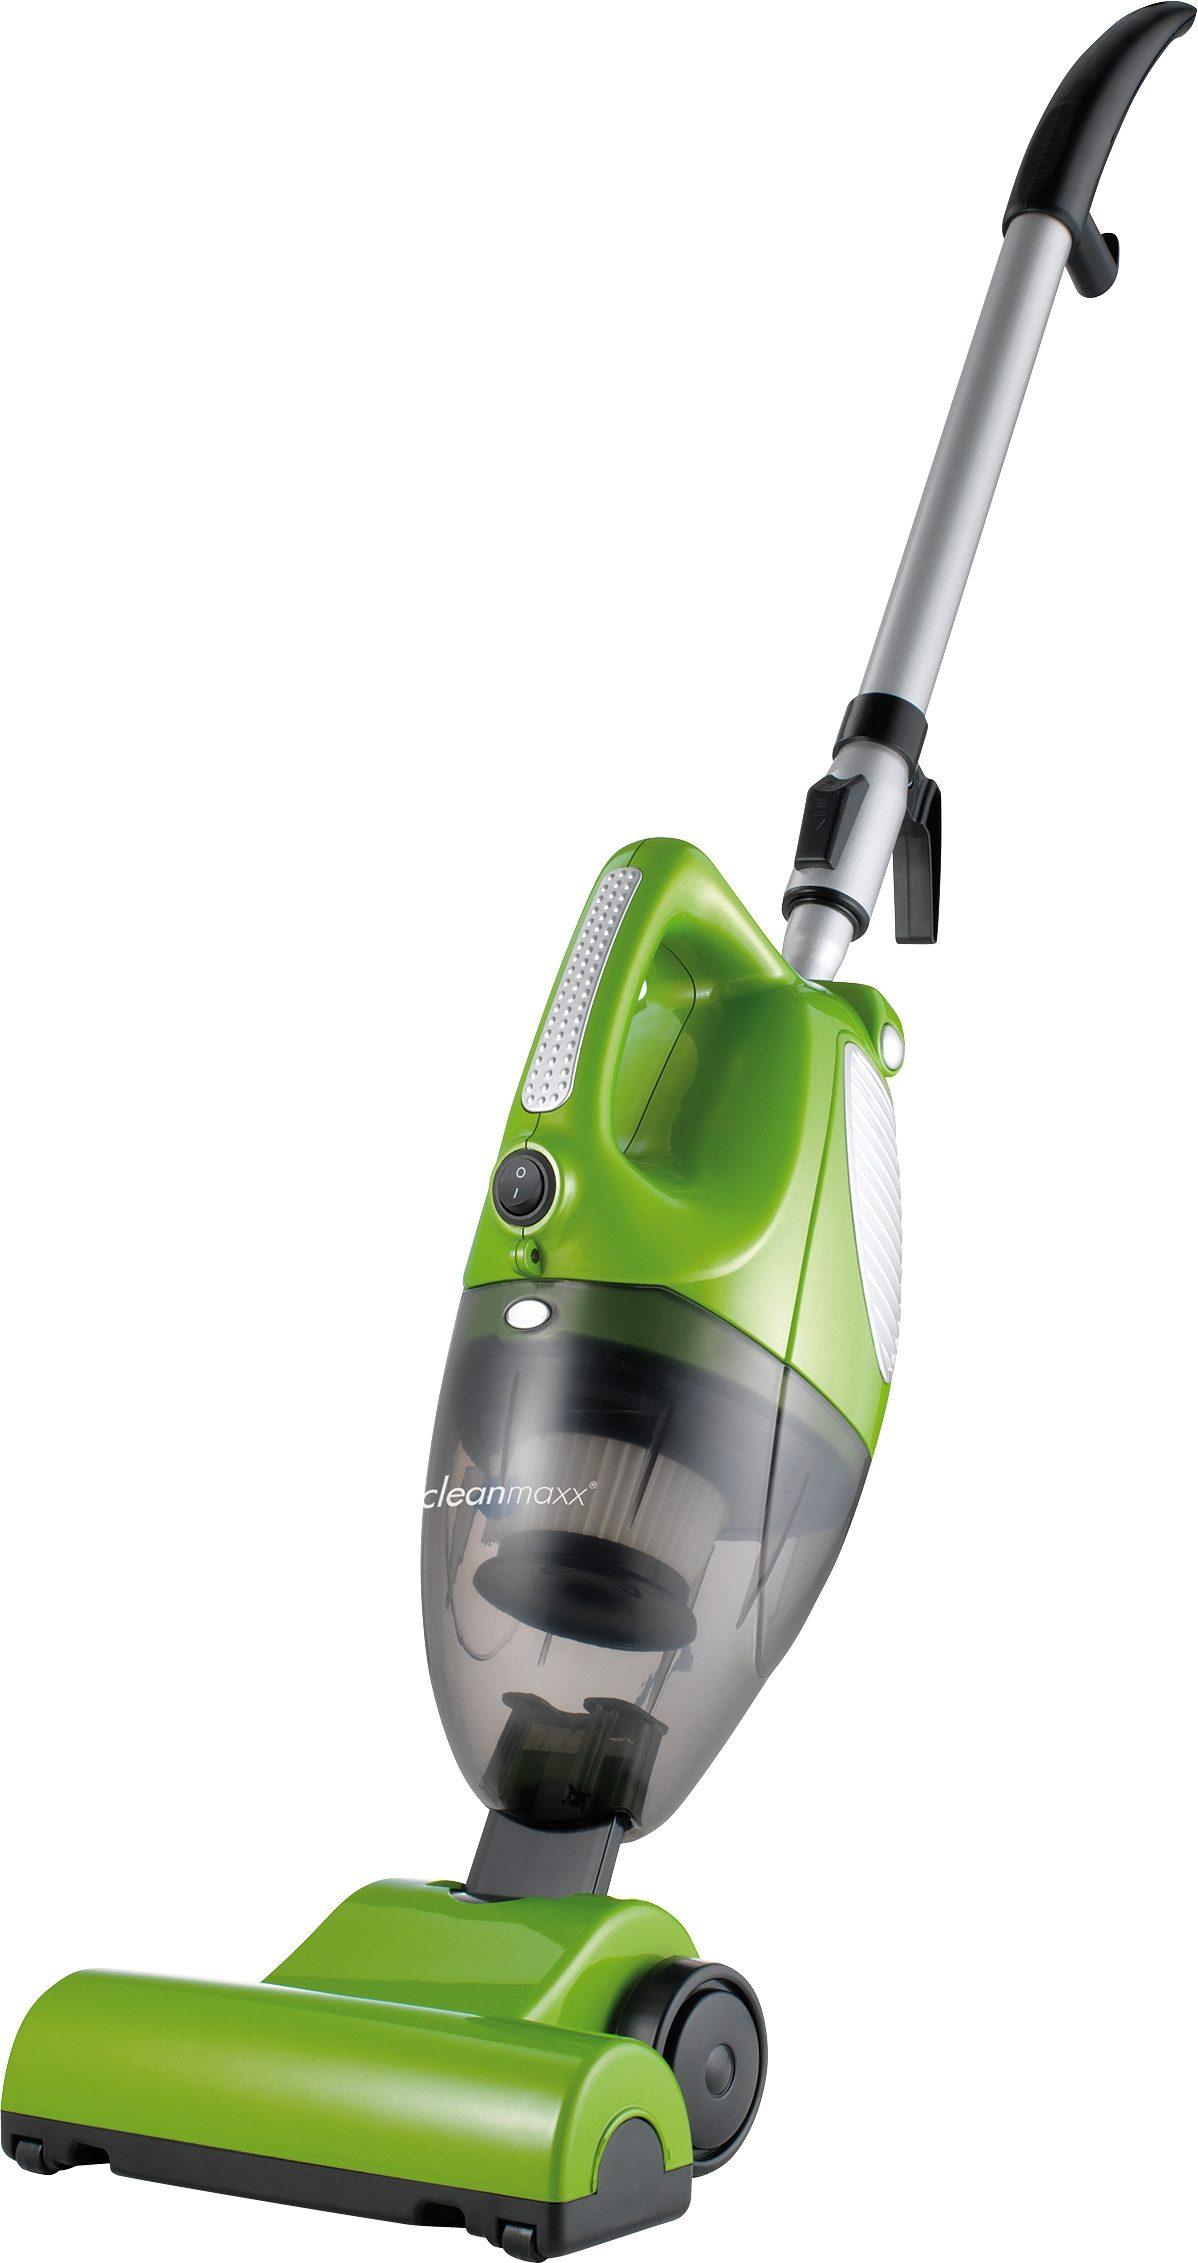 Clean Maxx Turbo-Handstaubsauger 3in1, mit Bodendüse, Beutellos, B, grün